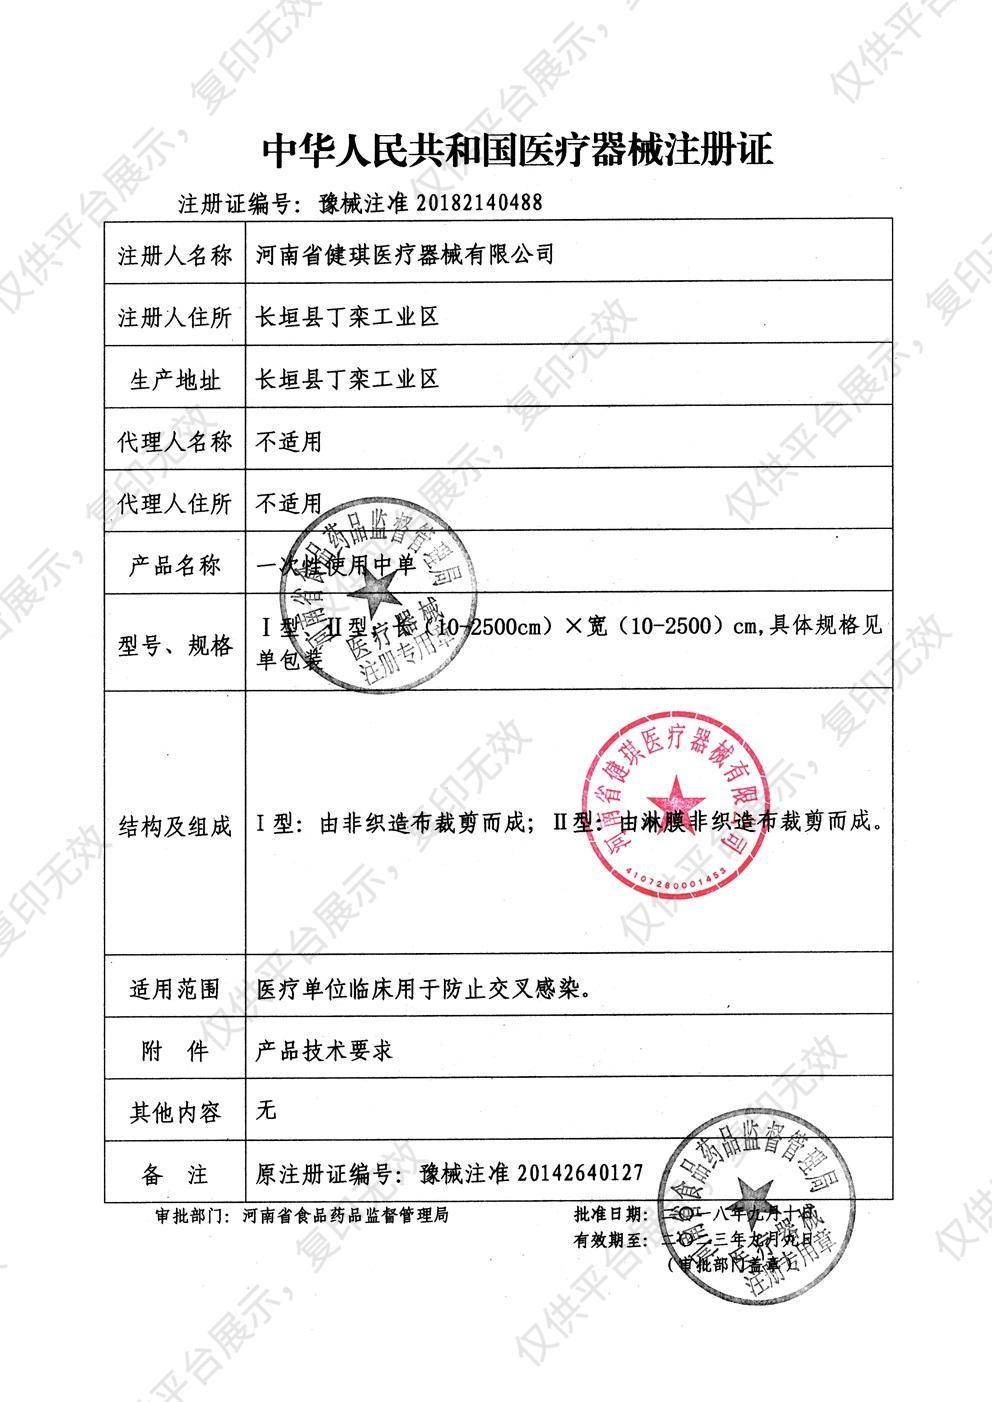 健琪JIANQI 一次性使用中单 床罩 90cmx220cm(5张/包 300张/箱)注册证